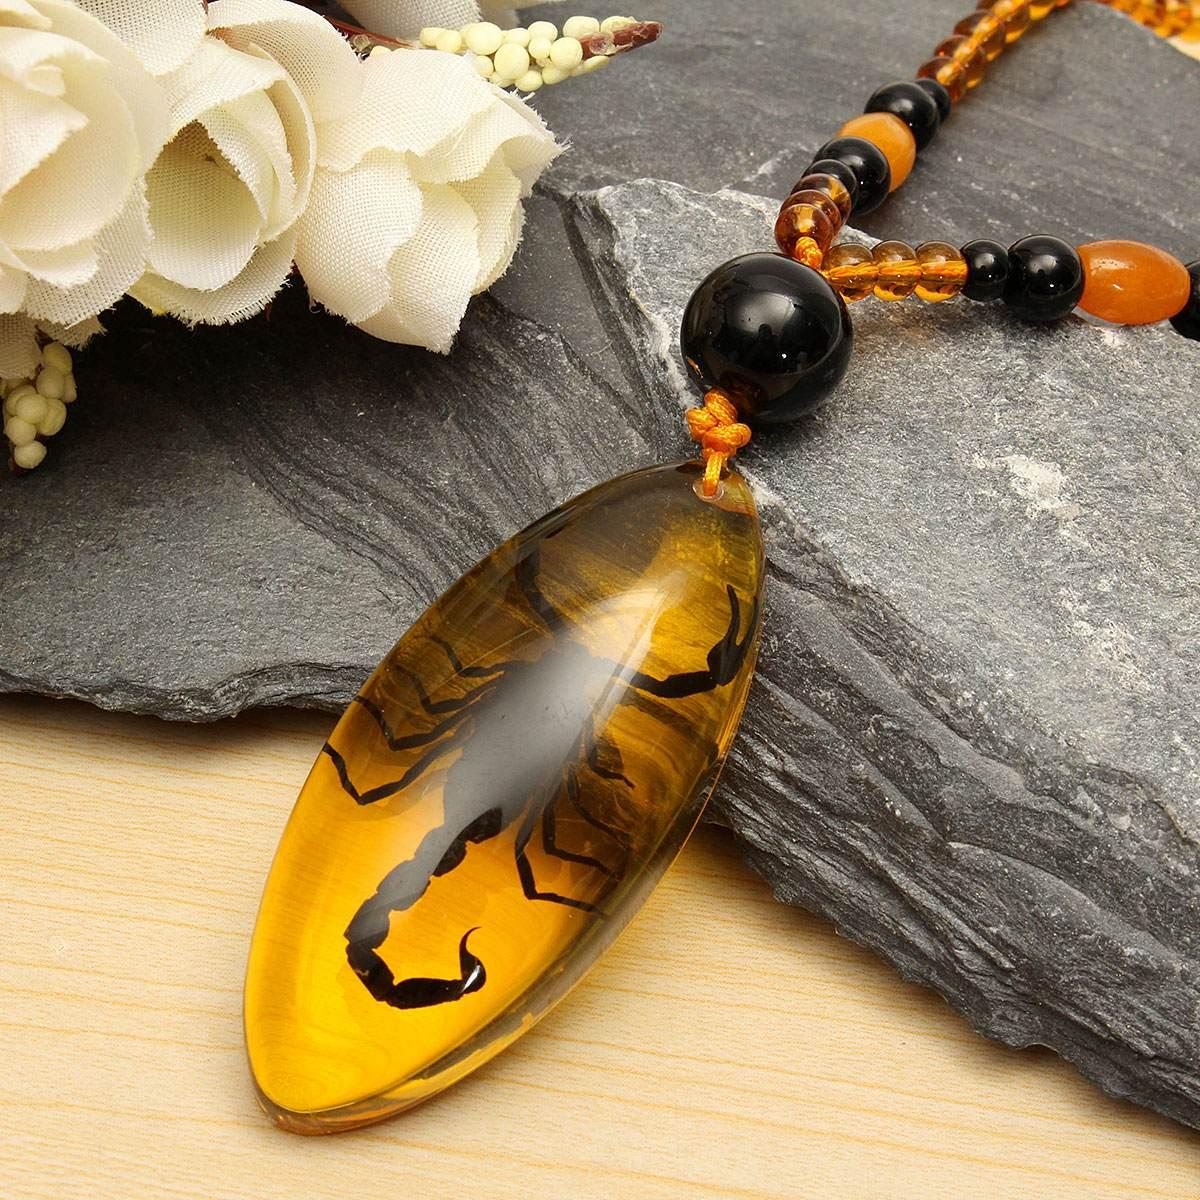 переустановка картинки камень скорпиона фото базалиома